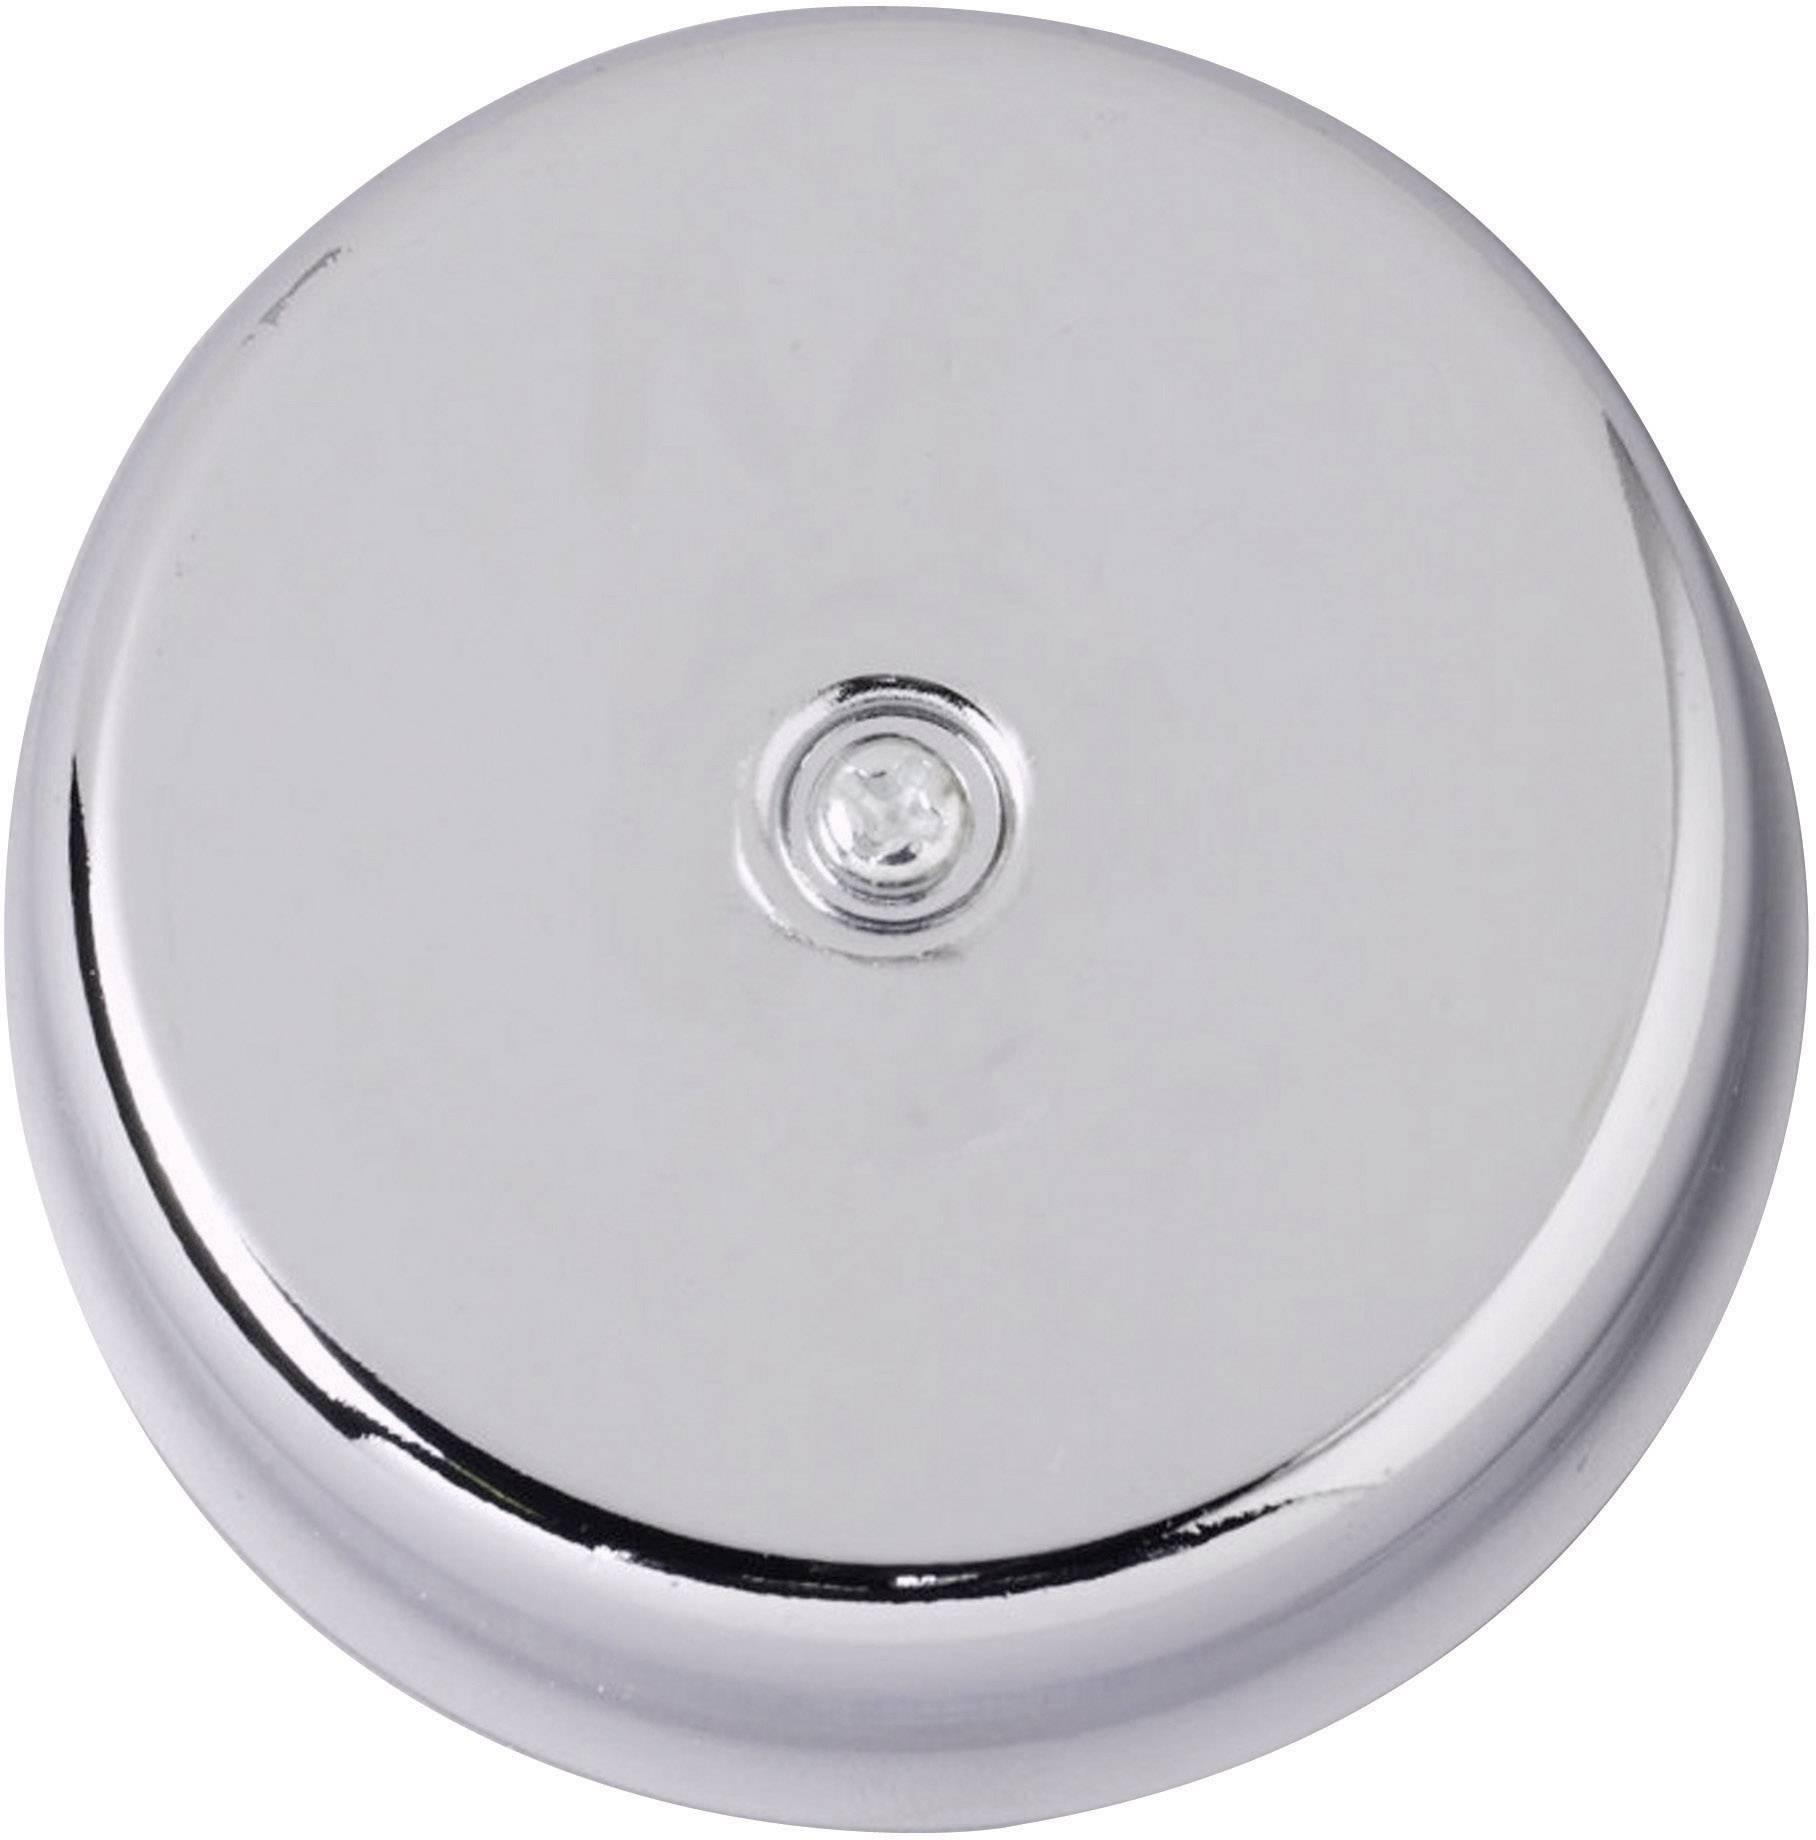 Zvonček Heidemann 70036 70036, 8 V (max), 82 dB (A), chróm